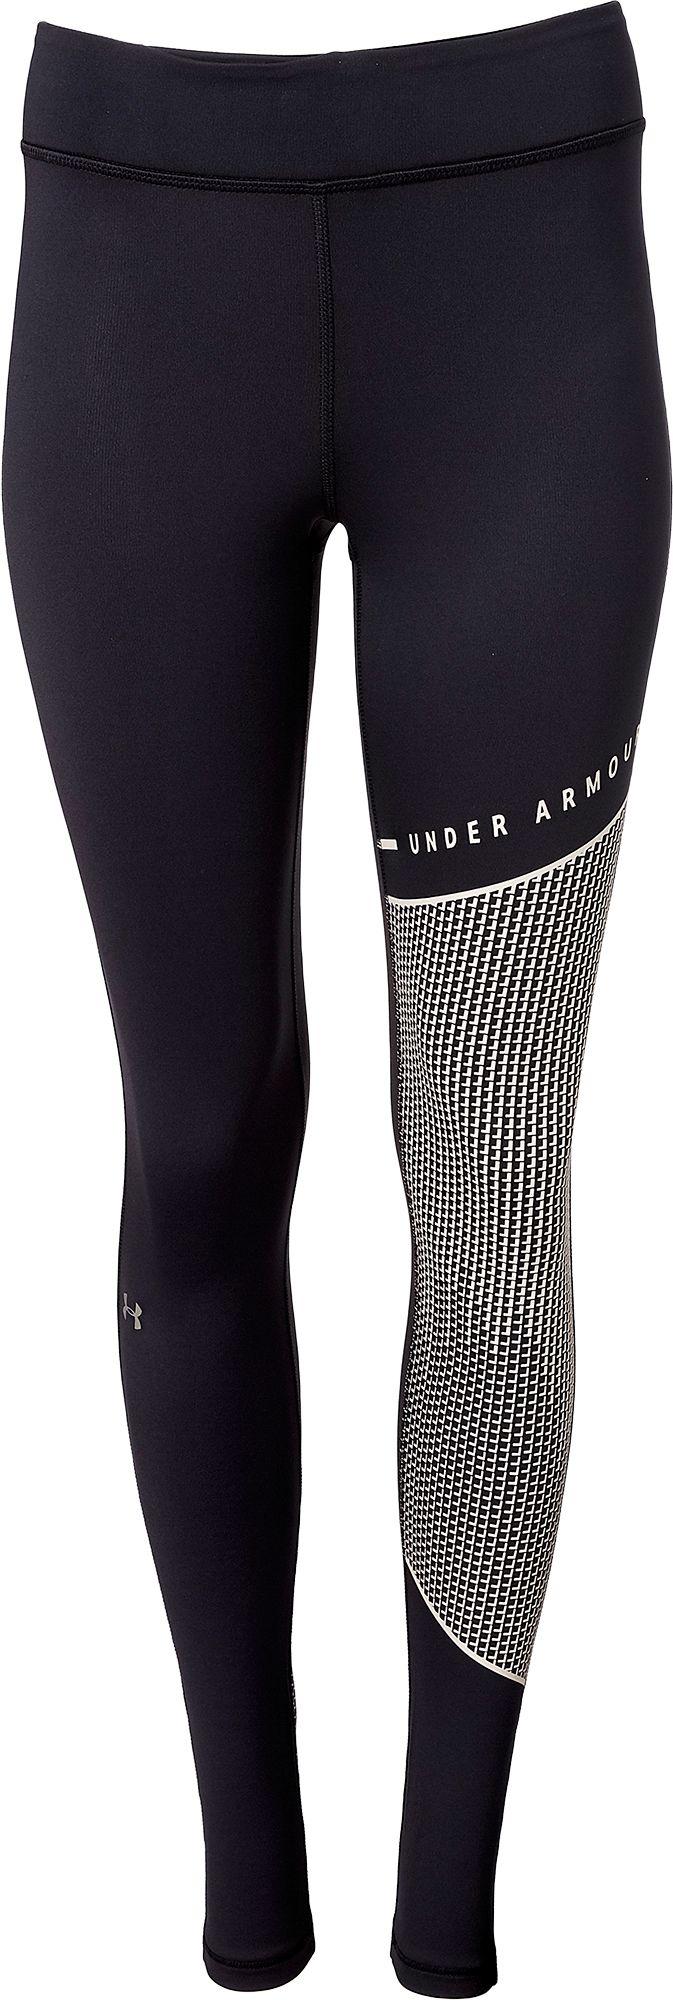 Under Armour Women's ColdGear Armour Block Leggings, Size: XS, Black thumbnail